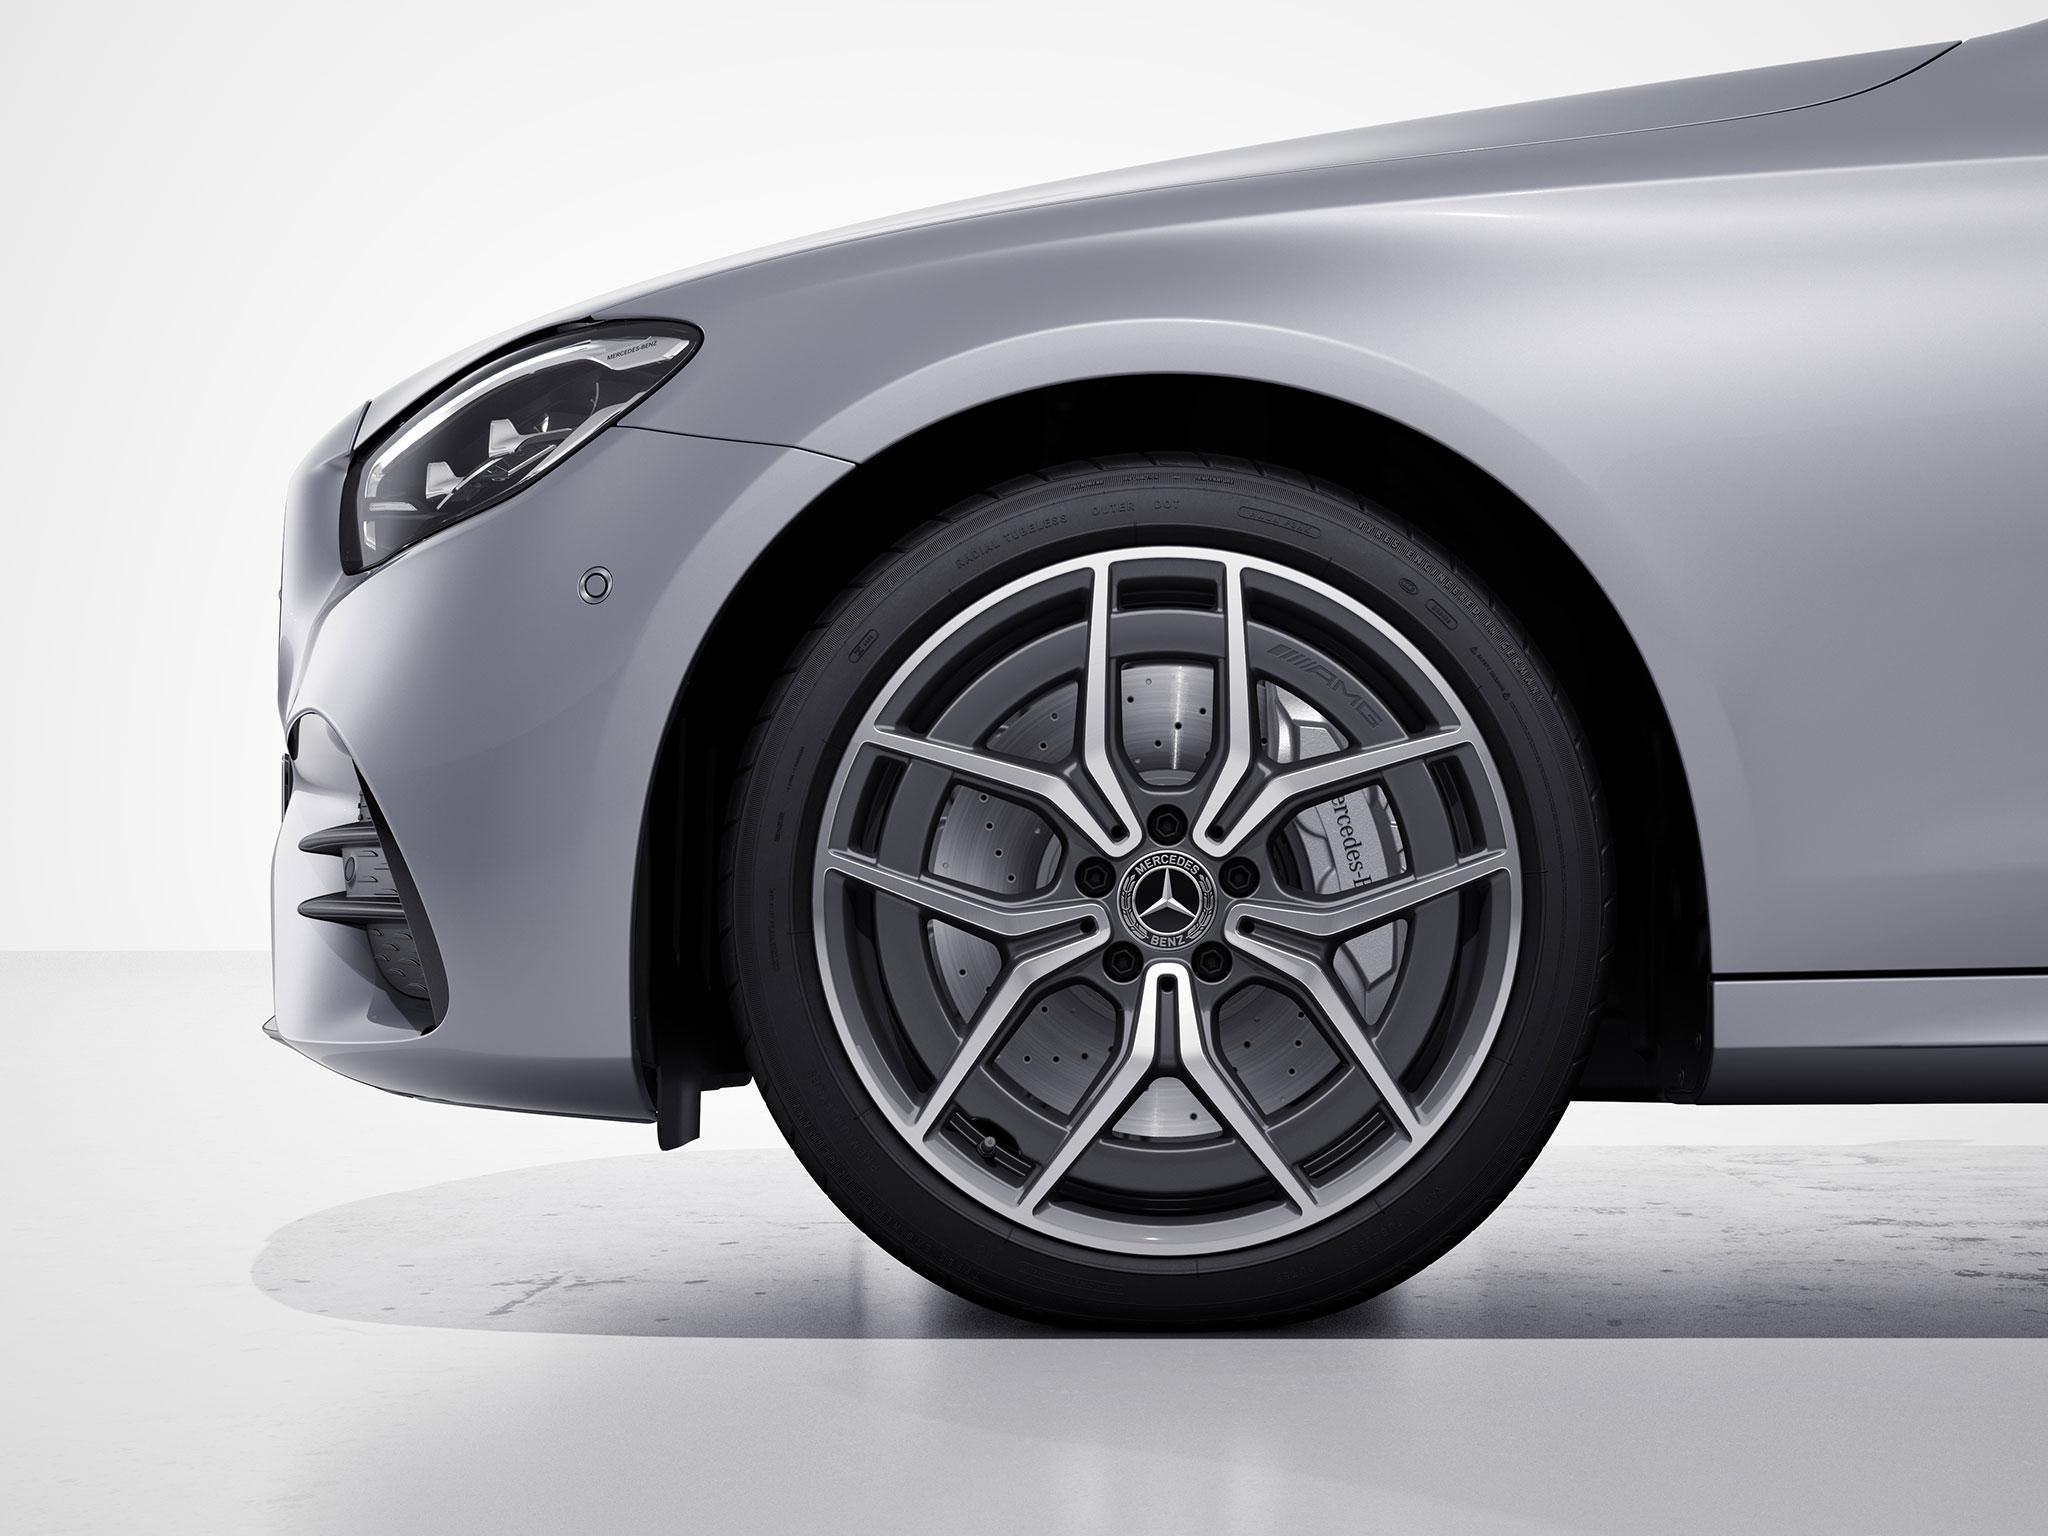 Arrière de la Mercedes Classe E Finition AMG Line - couleur gris